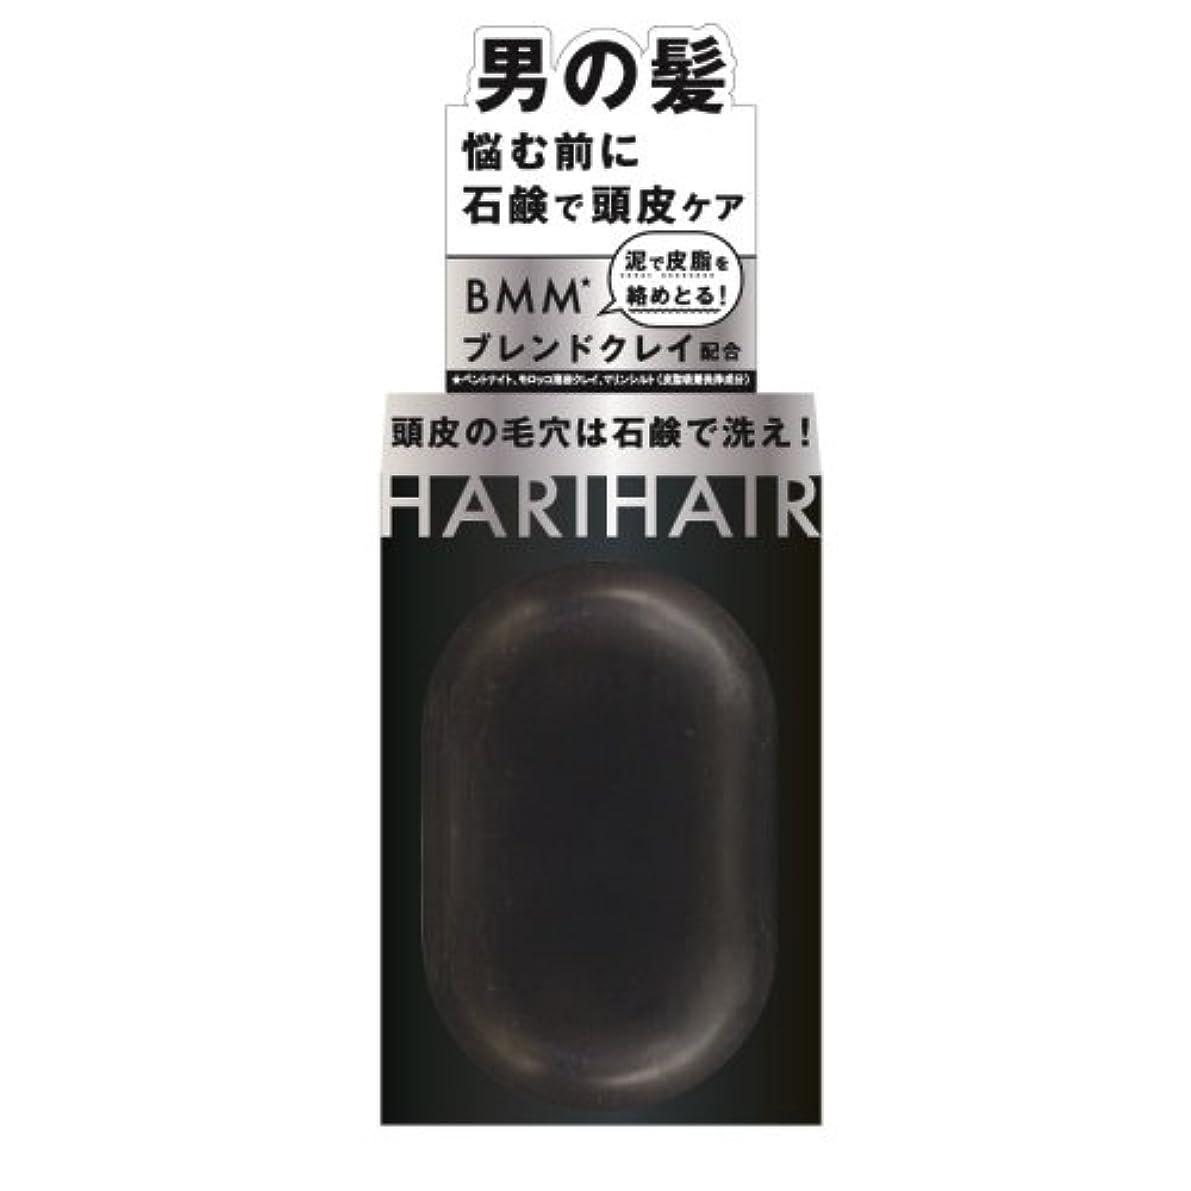 フィールド均等に混雑ペリカン石鹸 ハリヘア 固形シャンプー 100g